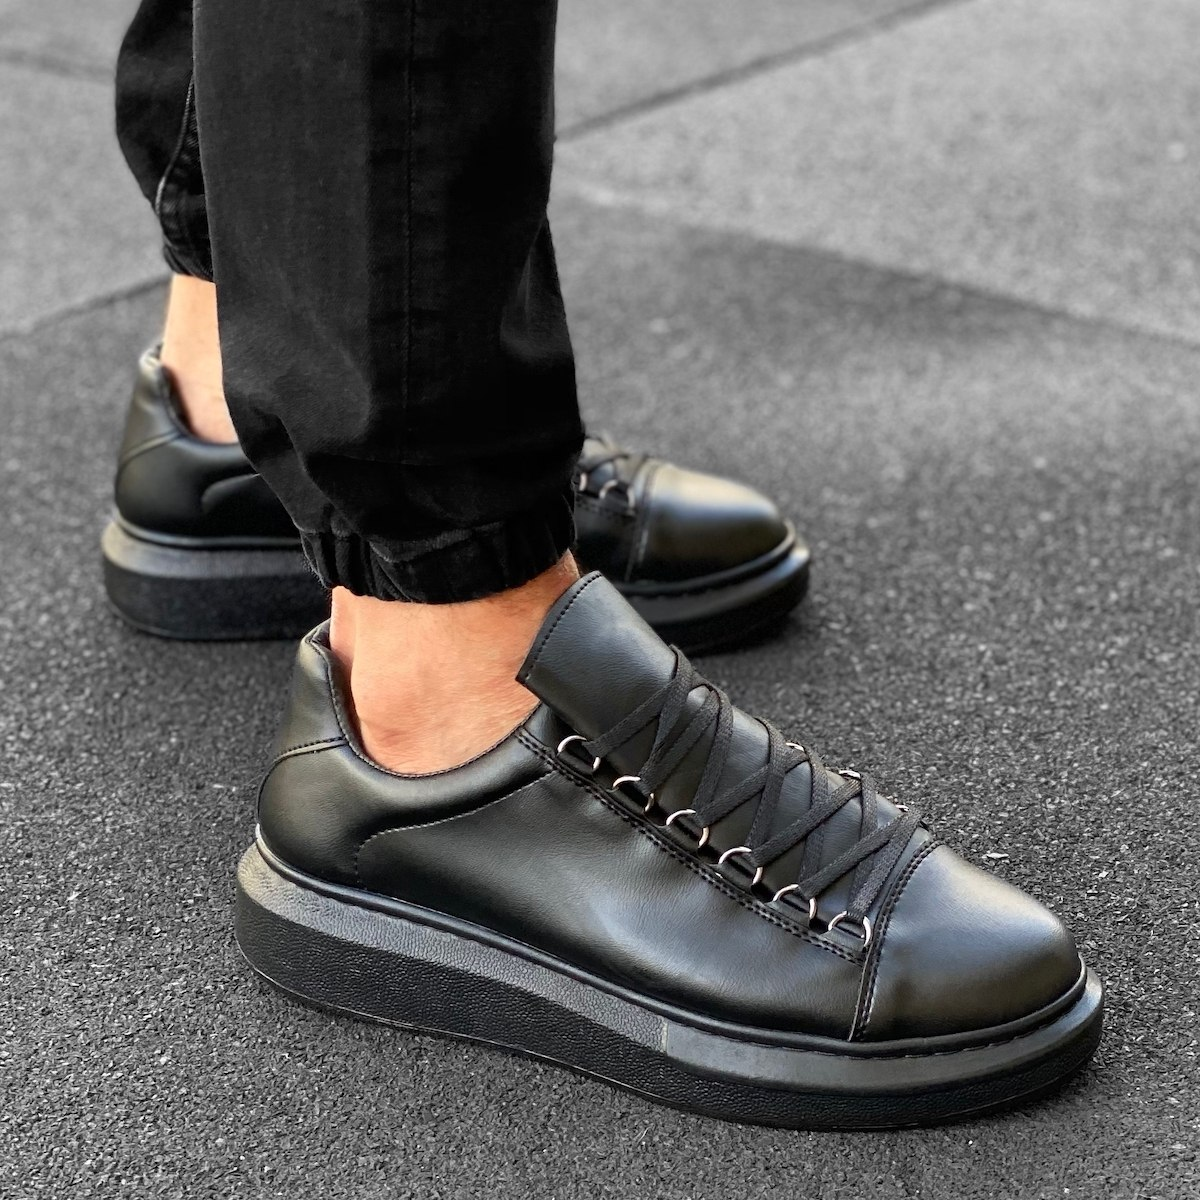 Uomo Suola Alta Basse Sneakers Scarpe Nero